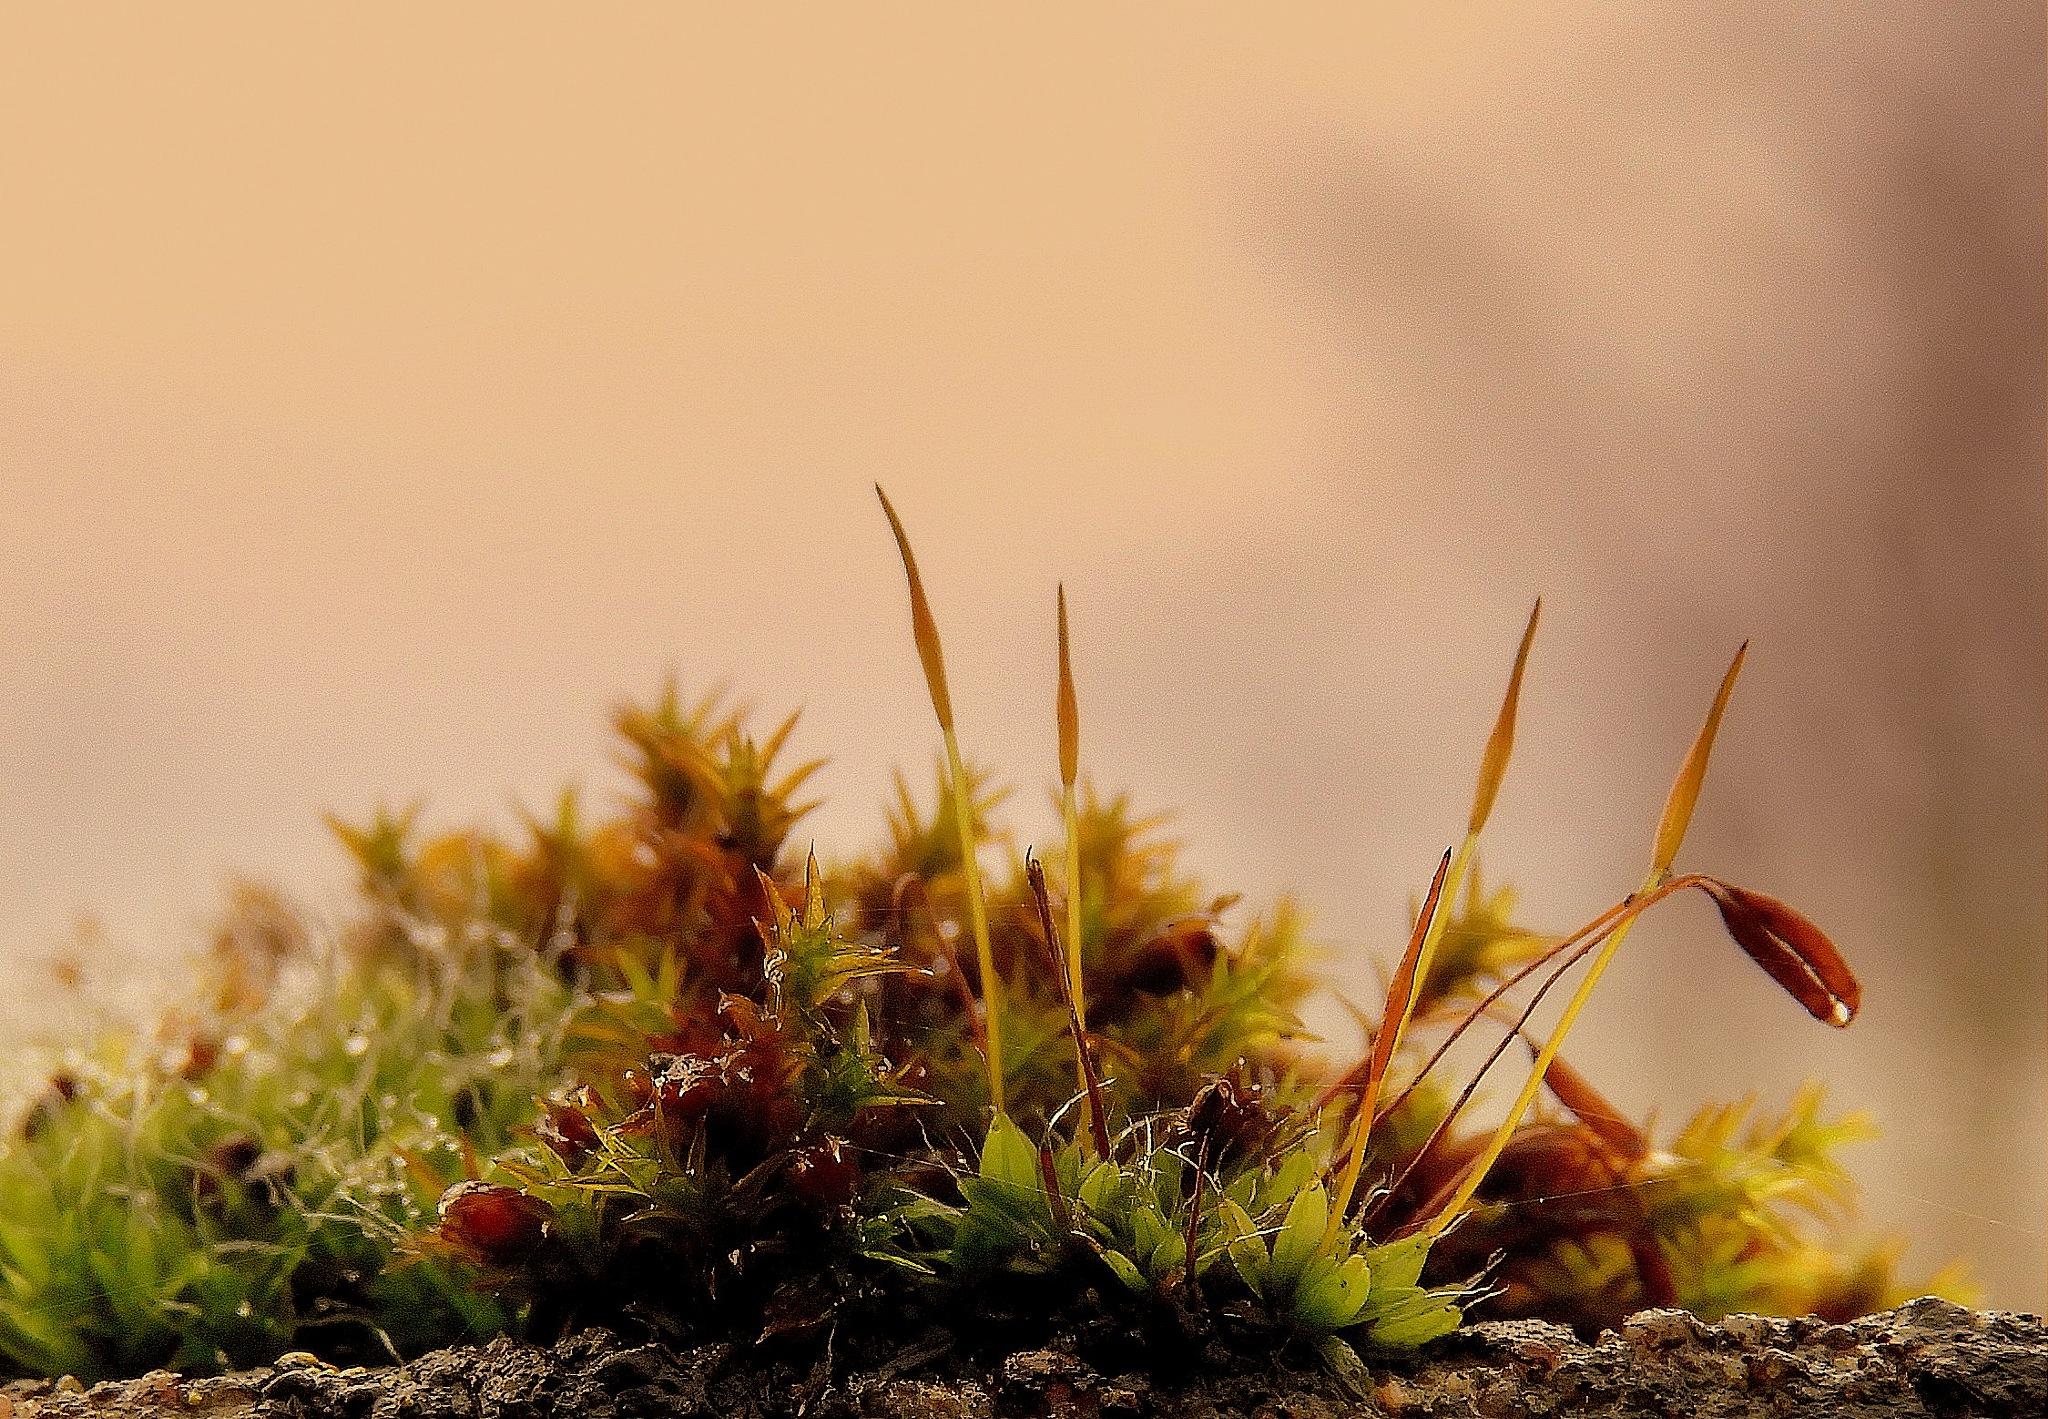 moss6 by johan.vandergouw